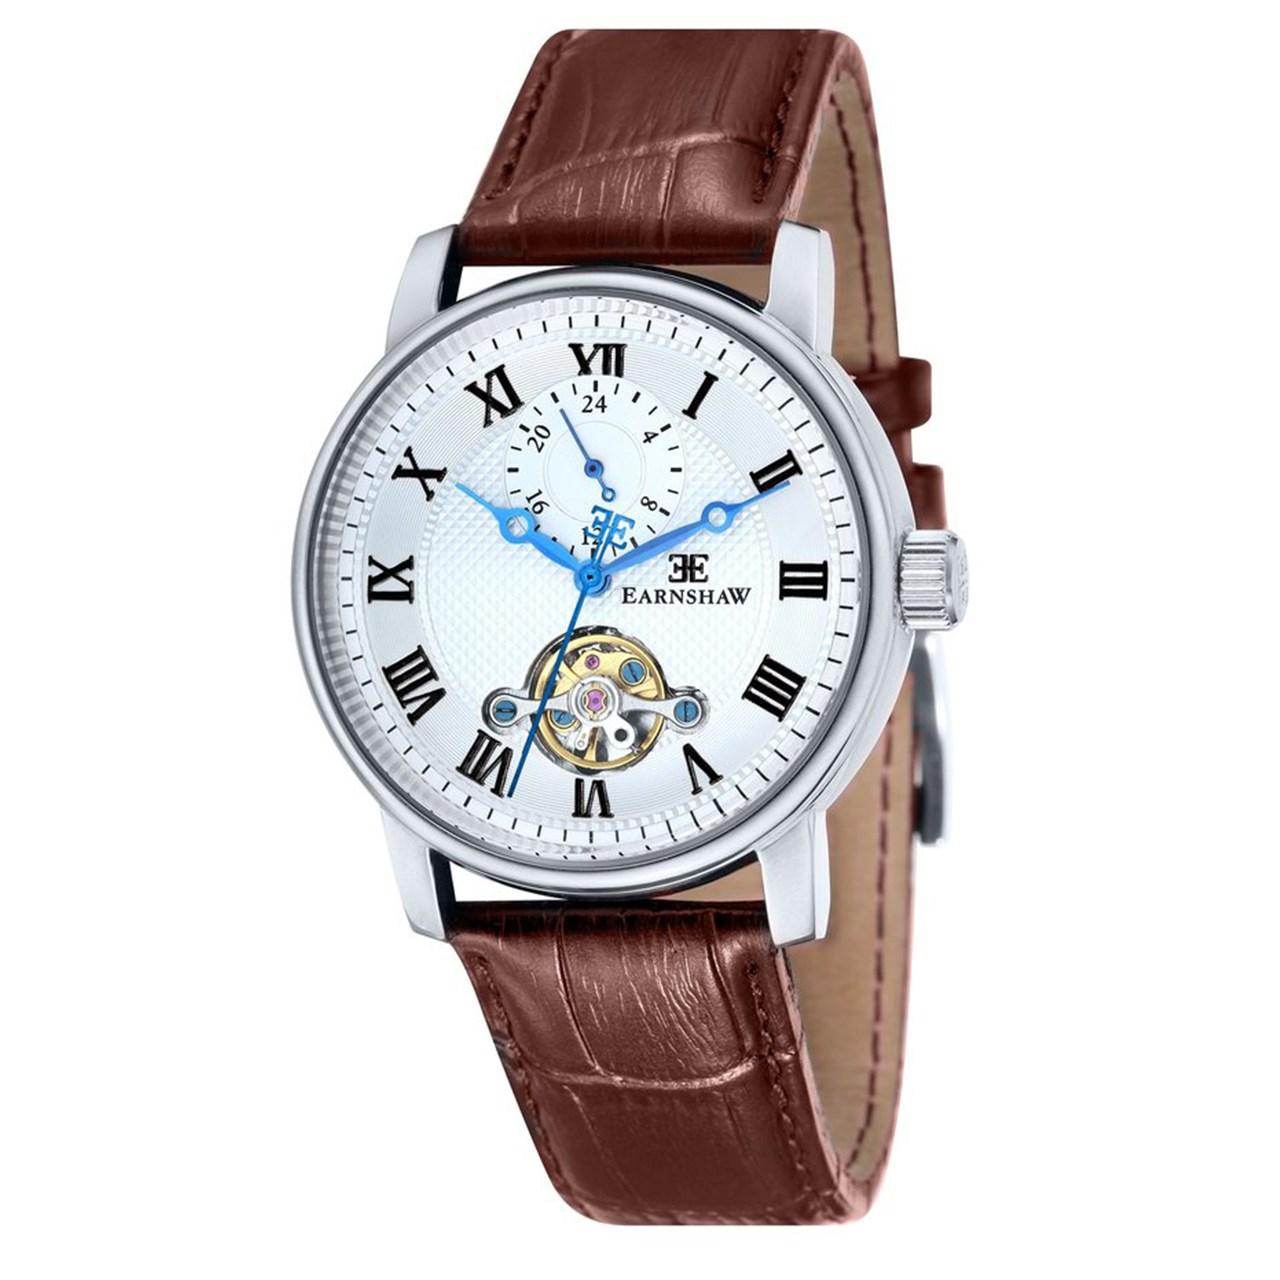 ساعت مچی عقربه ای مردانه ارنشا مدل ES-8042-02 17